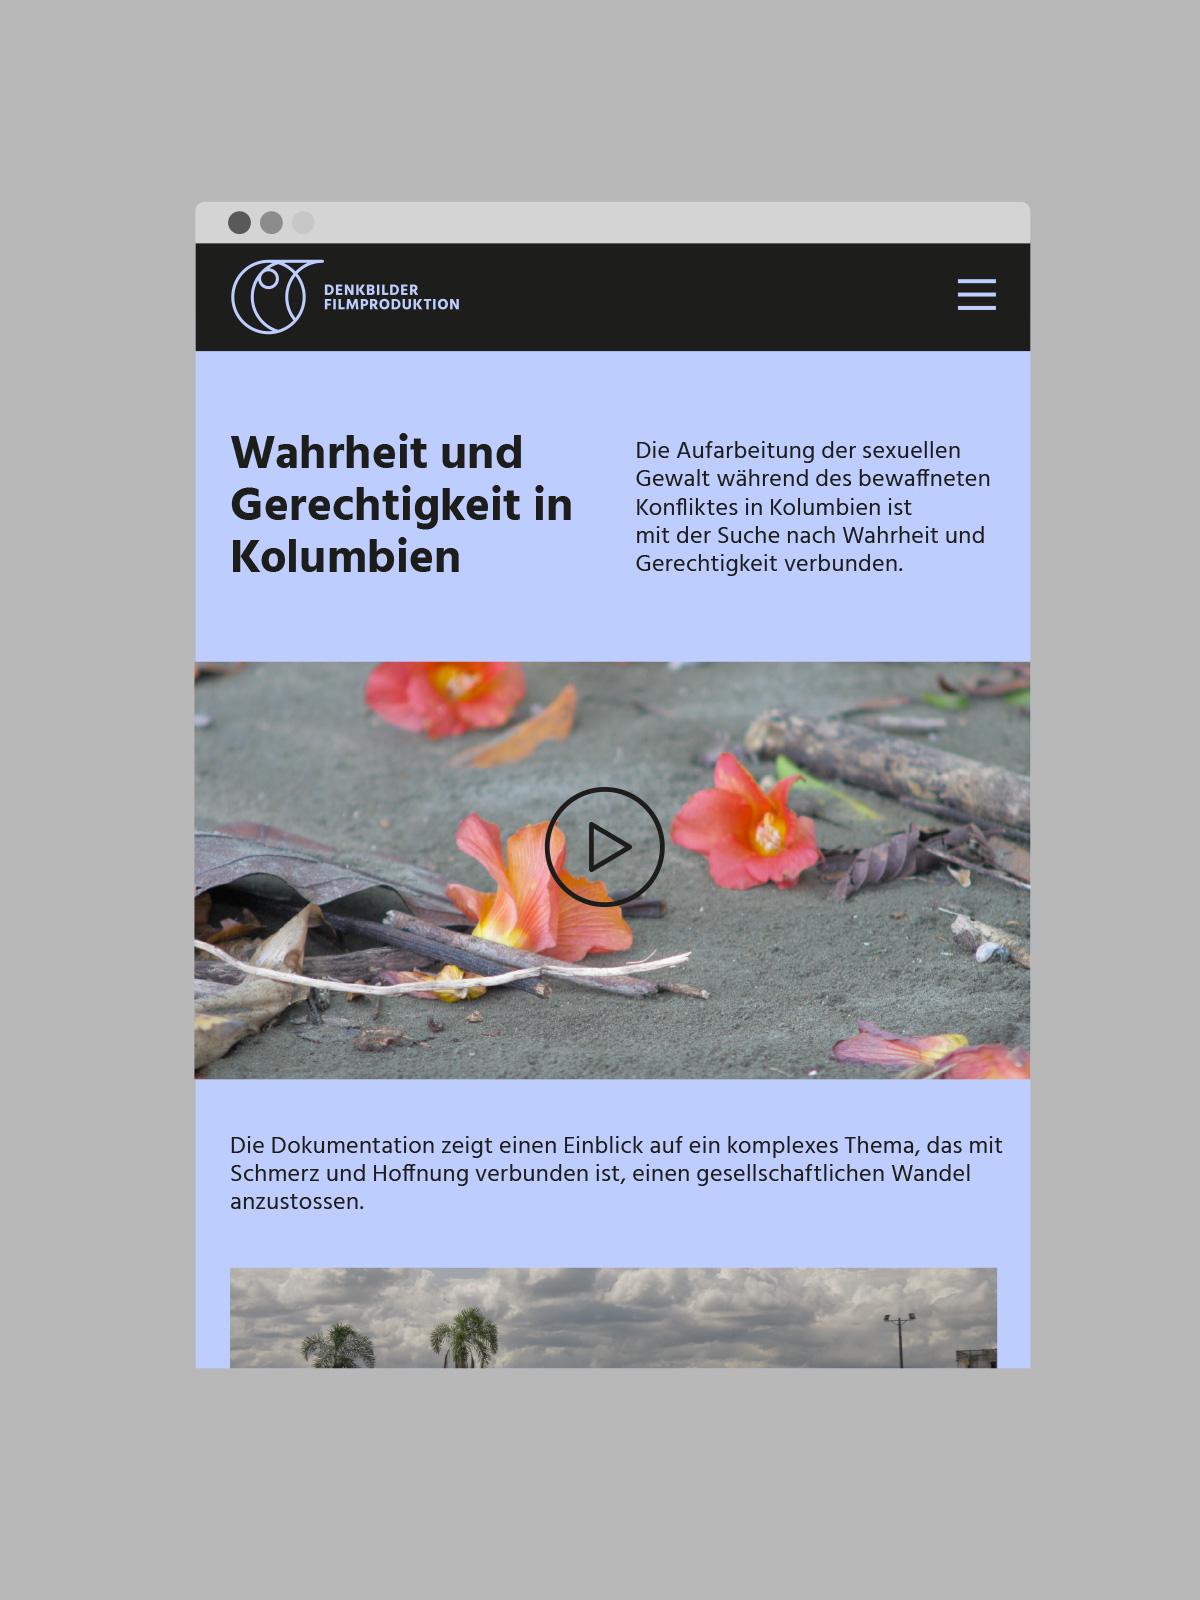 Denkbilder Filmproduktion Website Startseite violetter Hintergrund schwarze Schrift Filmstill link zu Video Logo